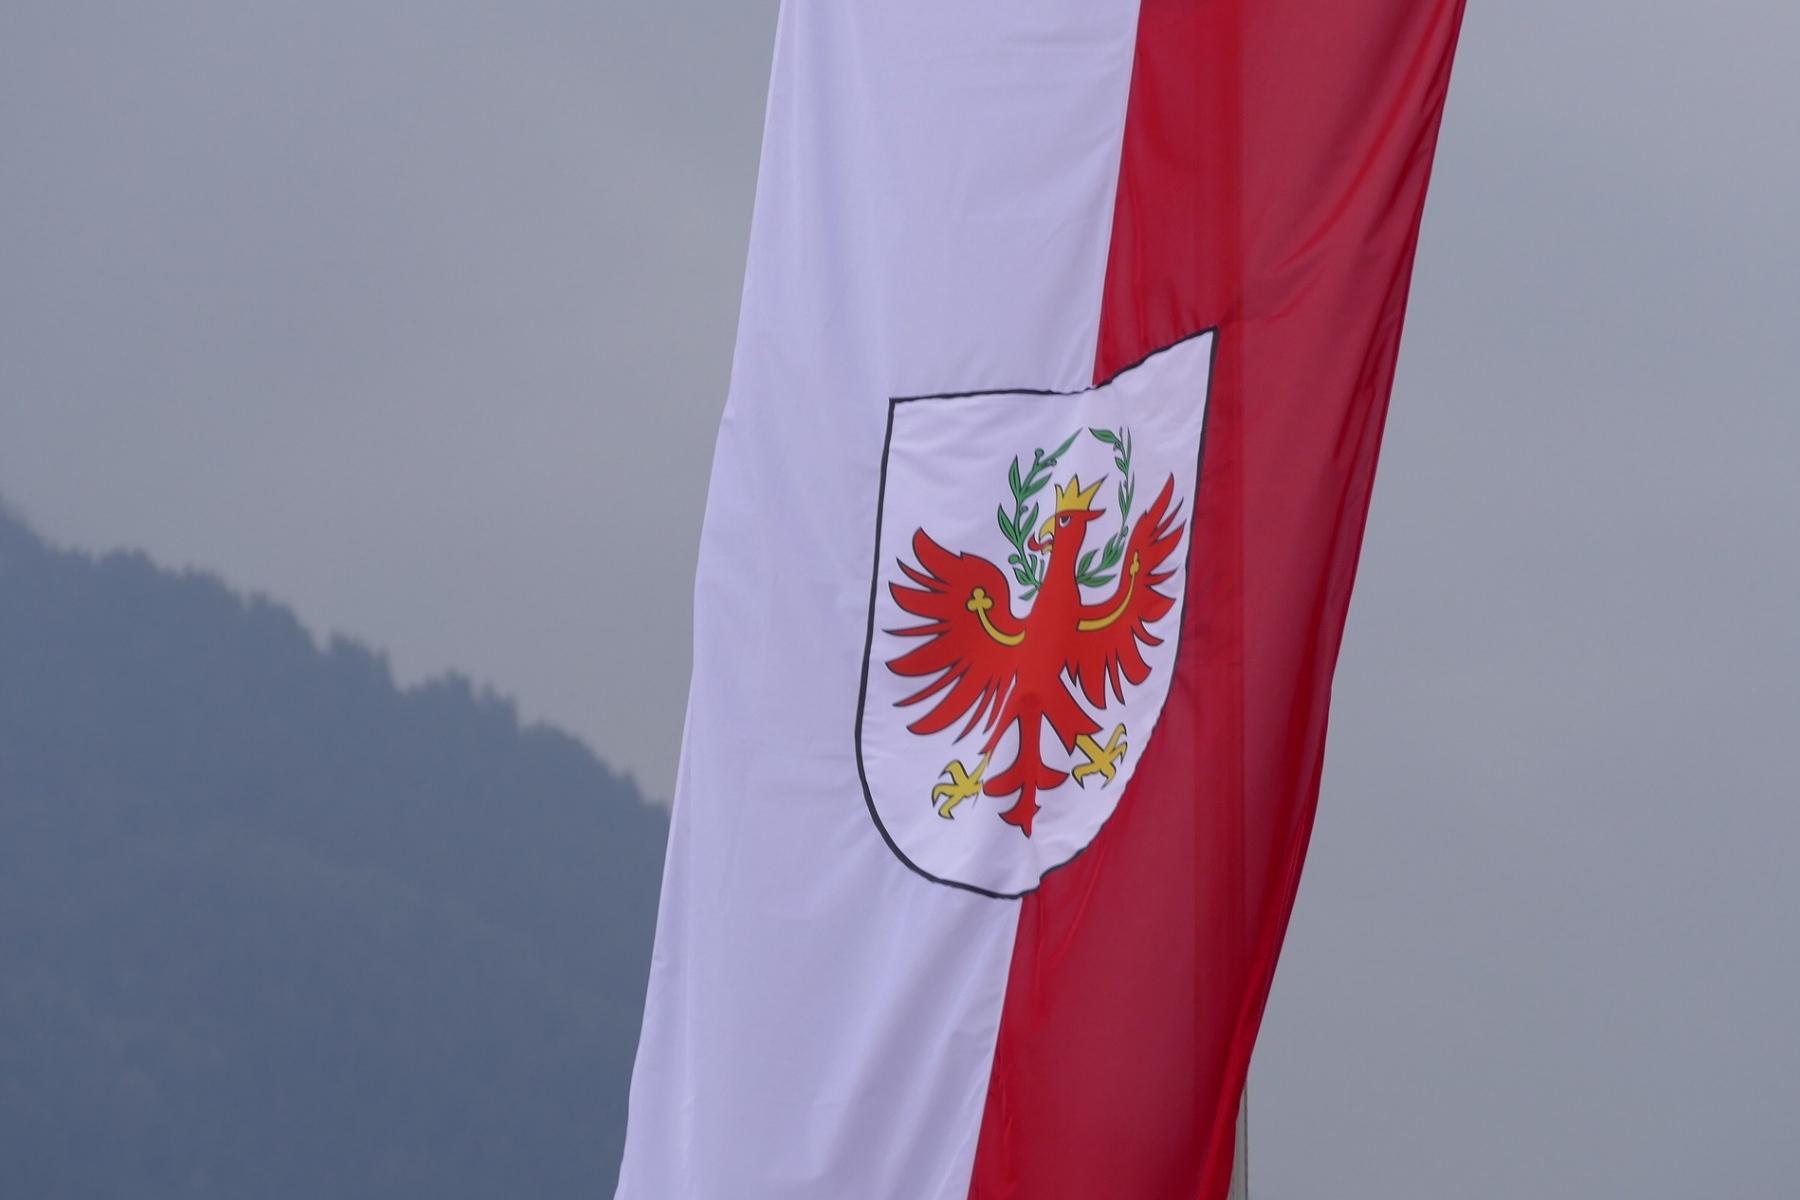 Sonderweg für Südtirol ist die richtige Entscheidung